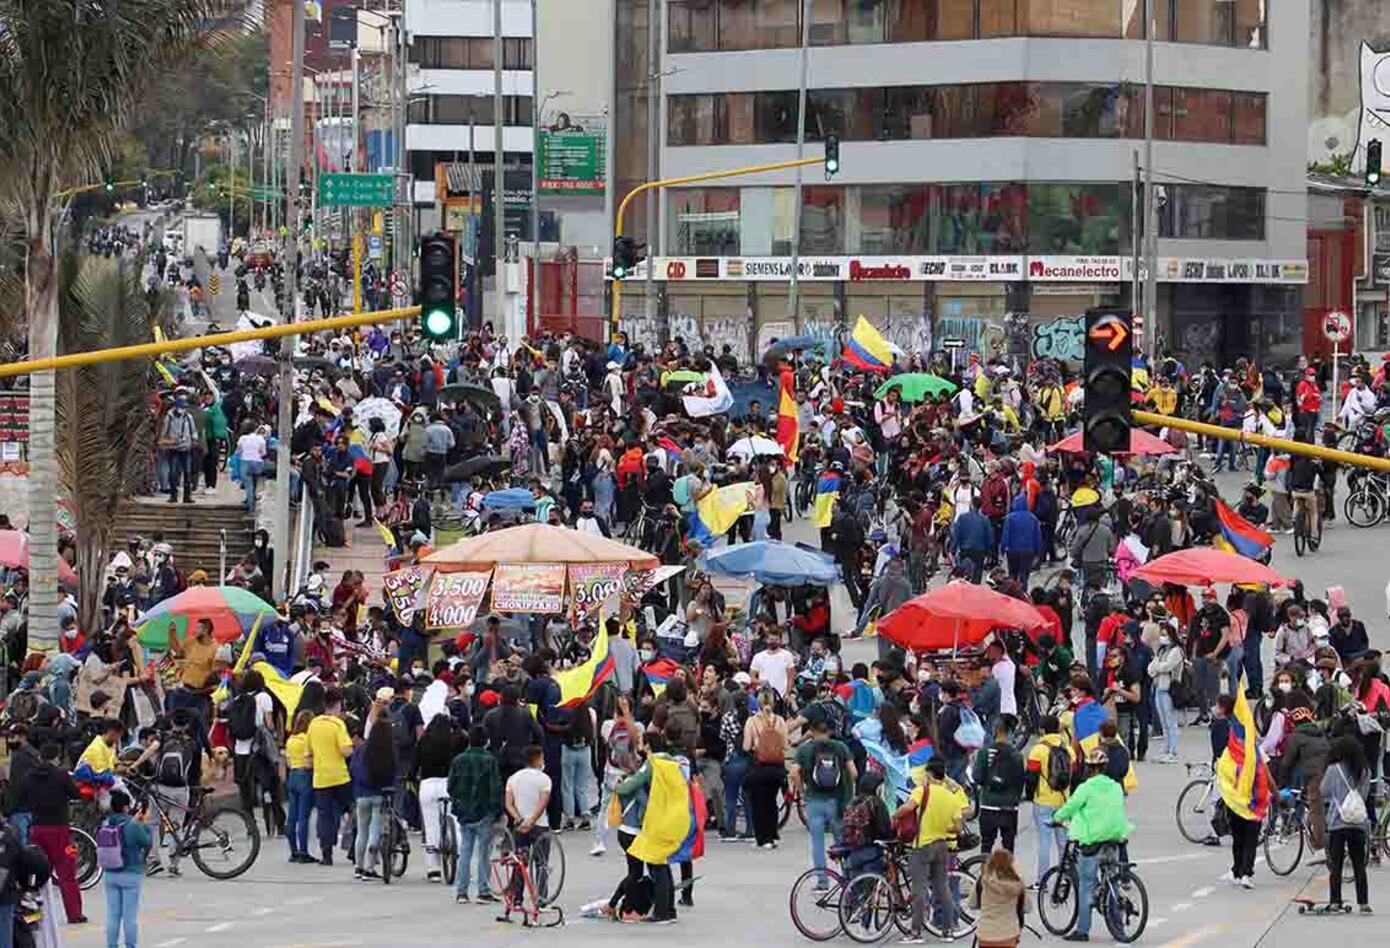 Paro nacional Colombia: protesta pacífica en Los Héroes el 12 de mayo de 2021